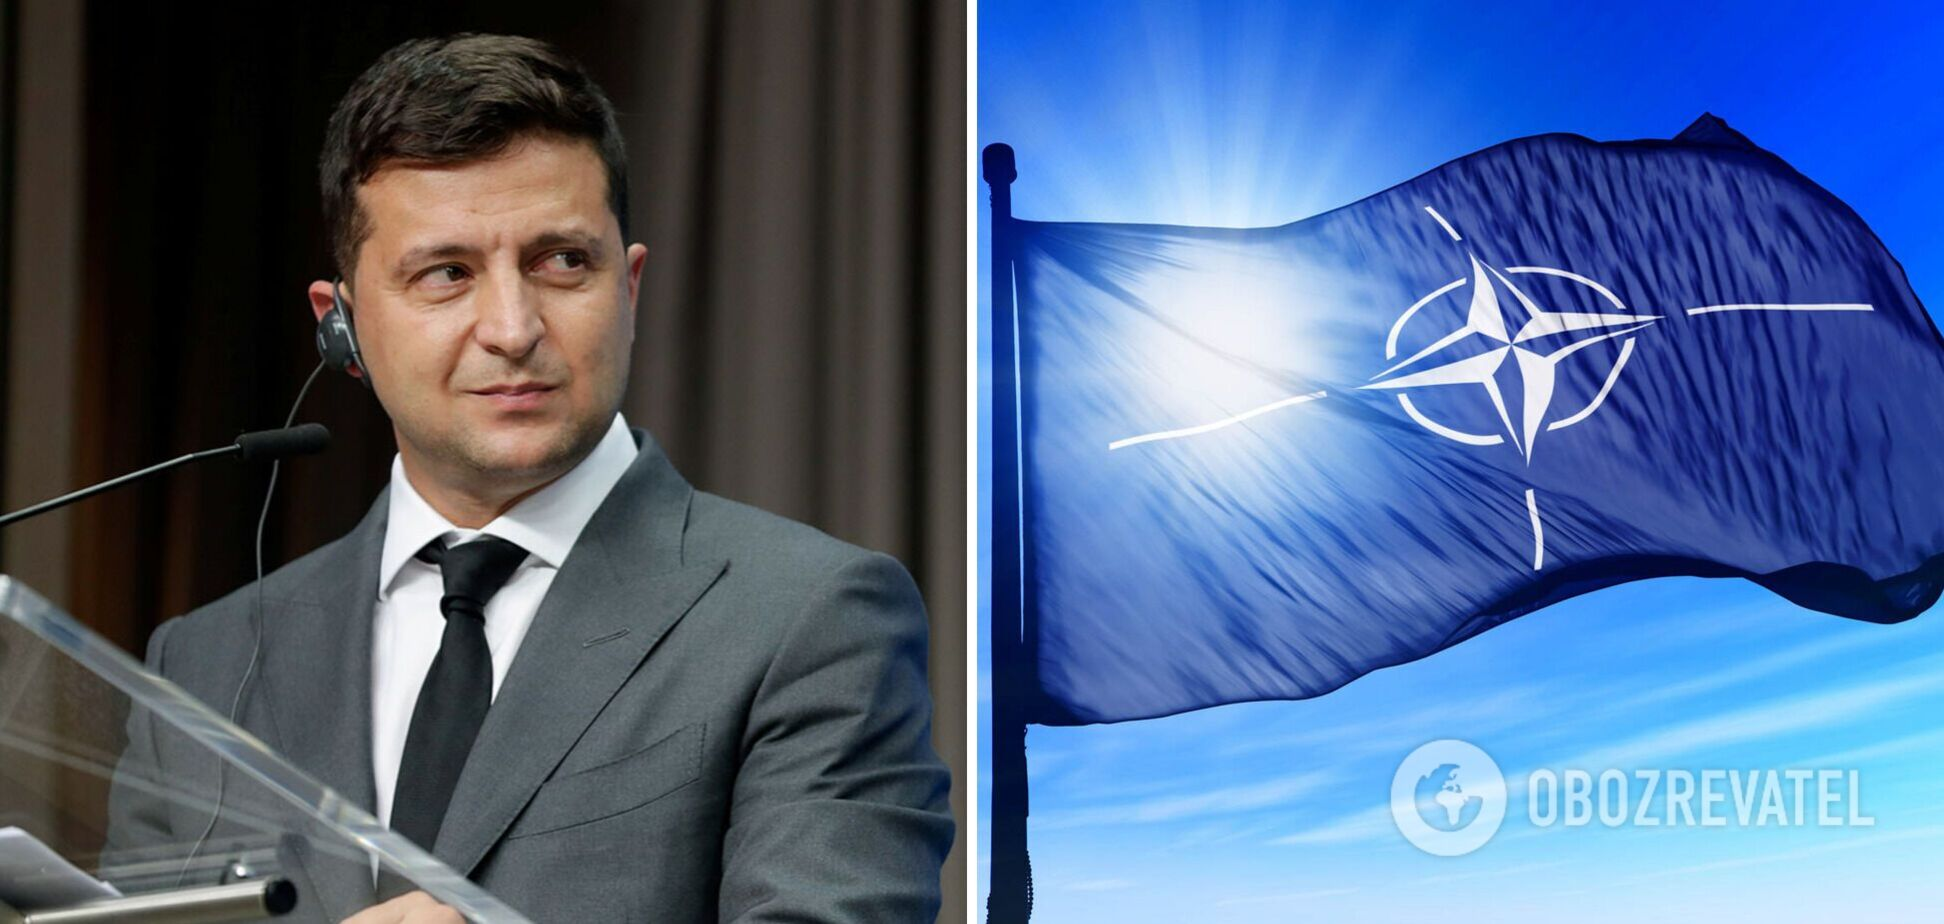 Зеленский: пришло время предложений Украине и Грузии по ПДЧ в НАТО